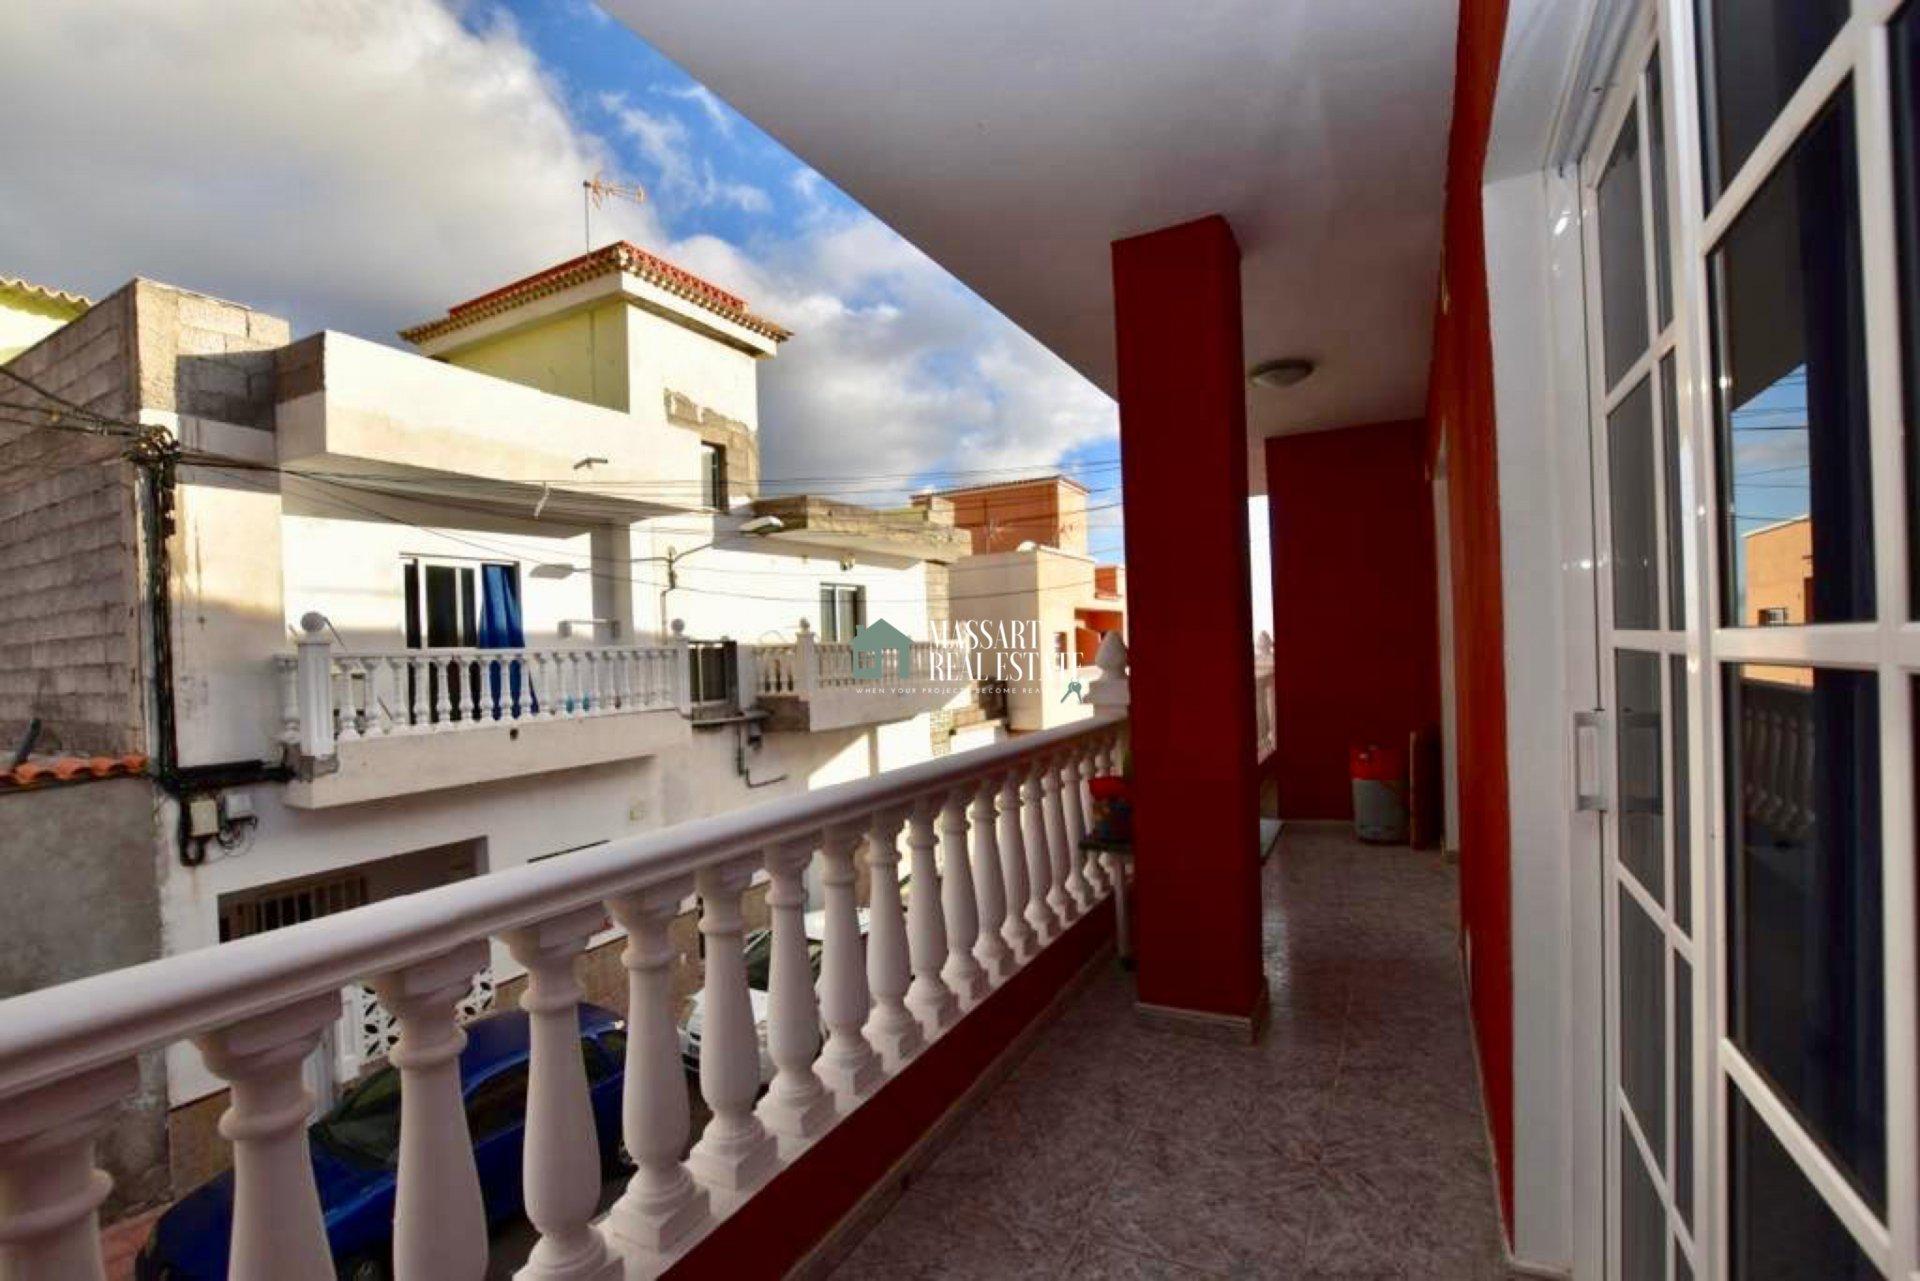 À louer à long terme à Guaza (Arona), appartement entièrement meublé et équipé de tout le confort nécessaire pour vivre confortablement.